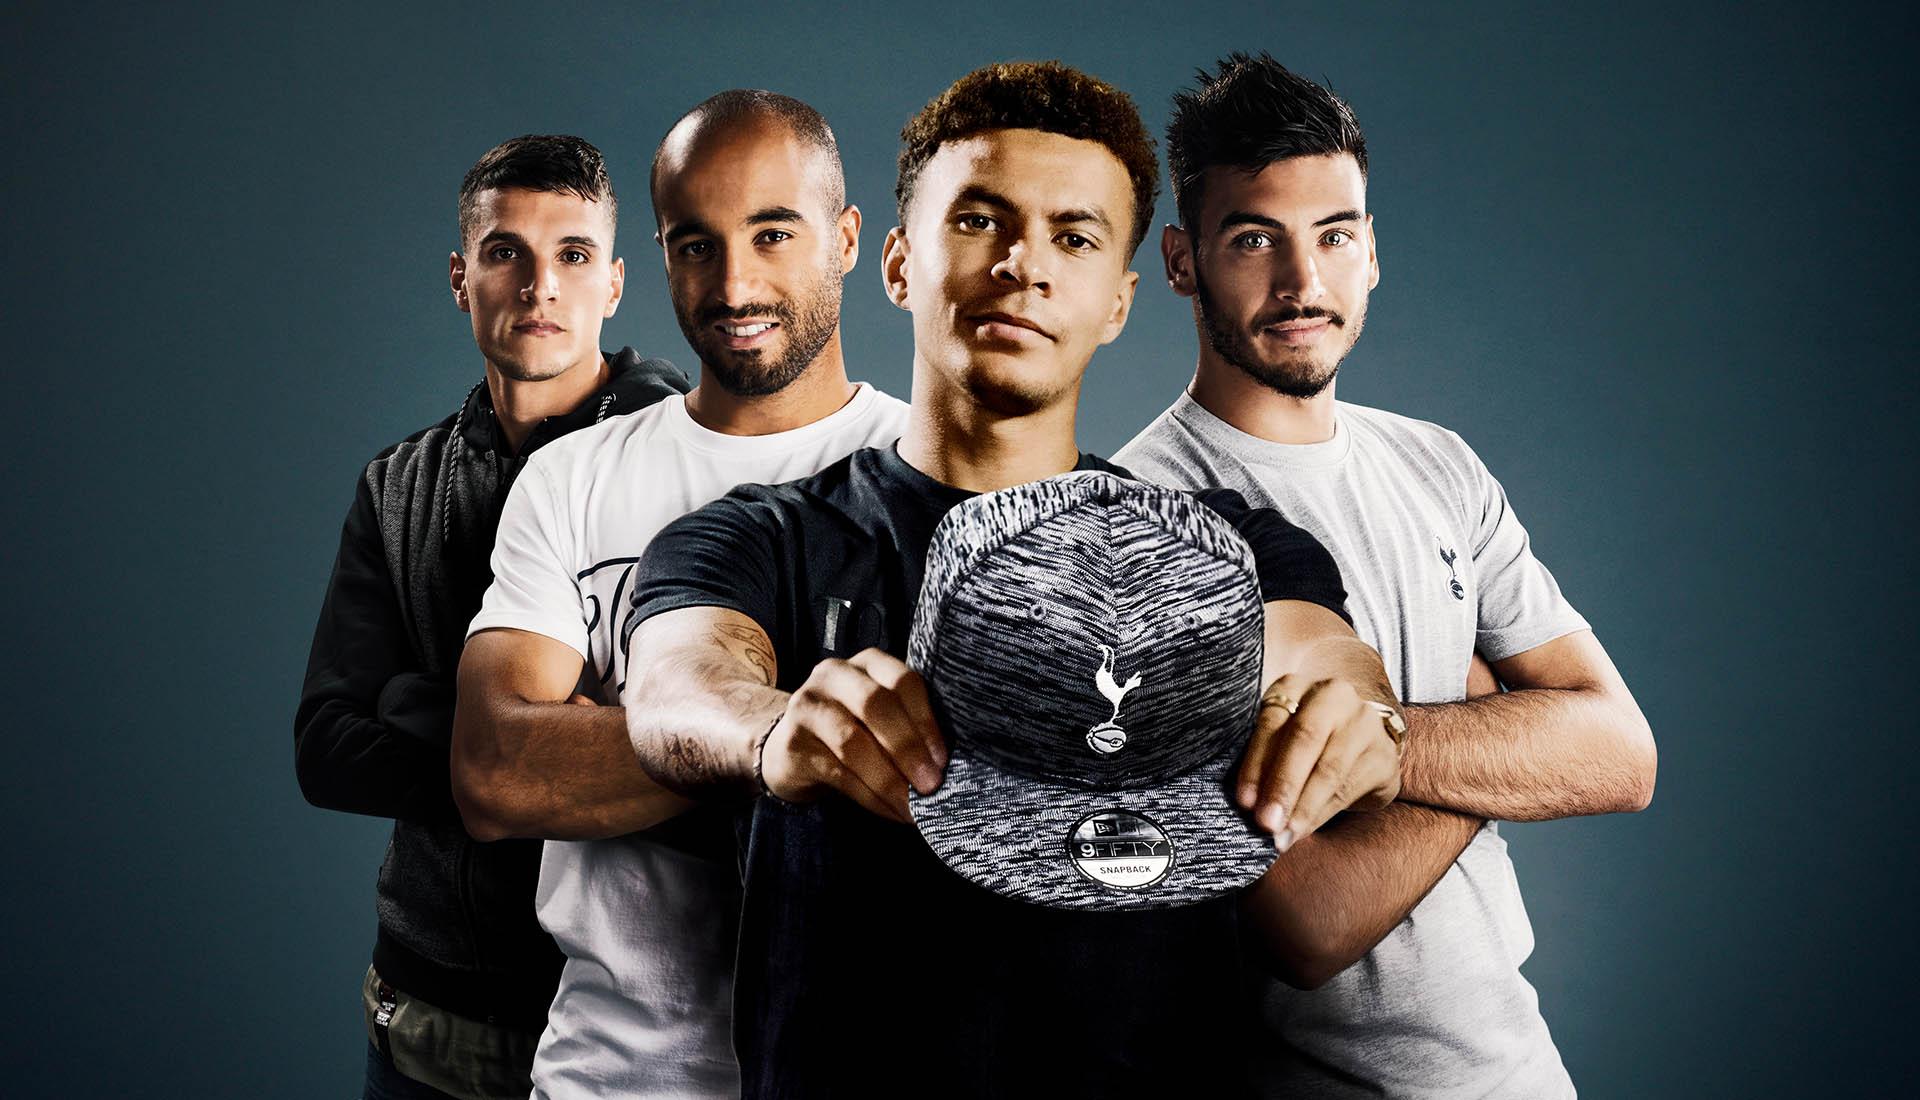 537993750d5 Spurs New Balance Launch Collaboration 0000 Tottenham   New Era  Announcement.jpg